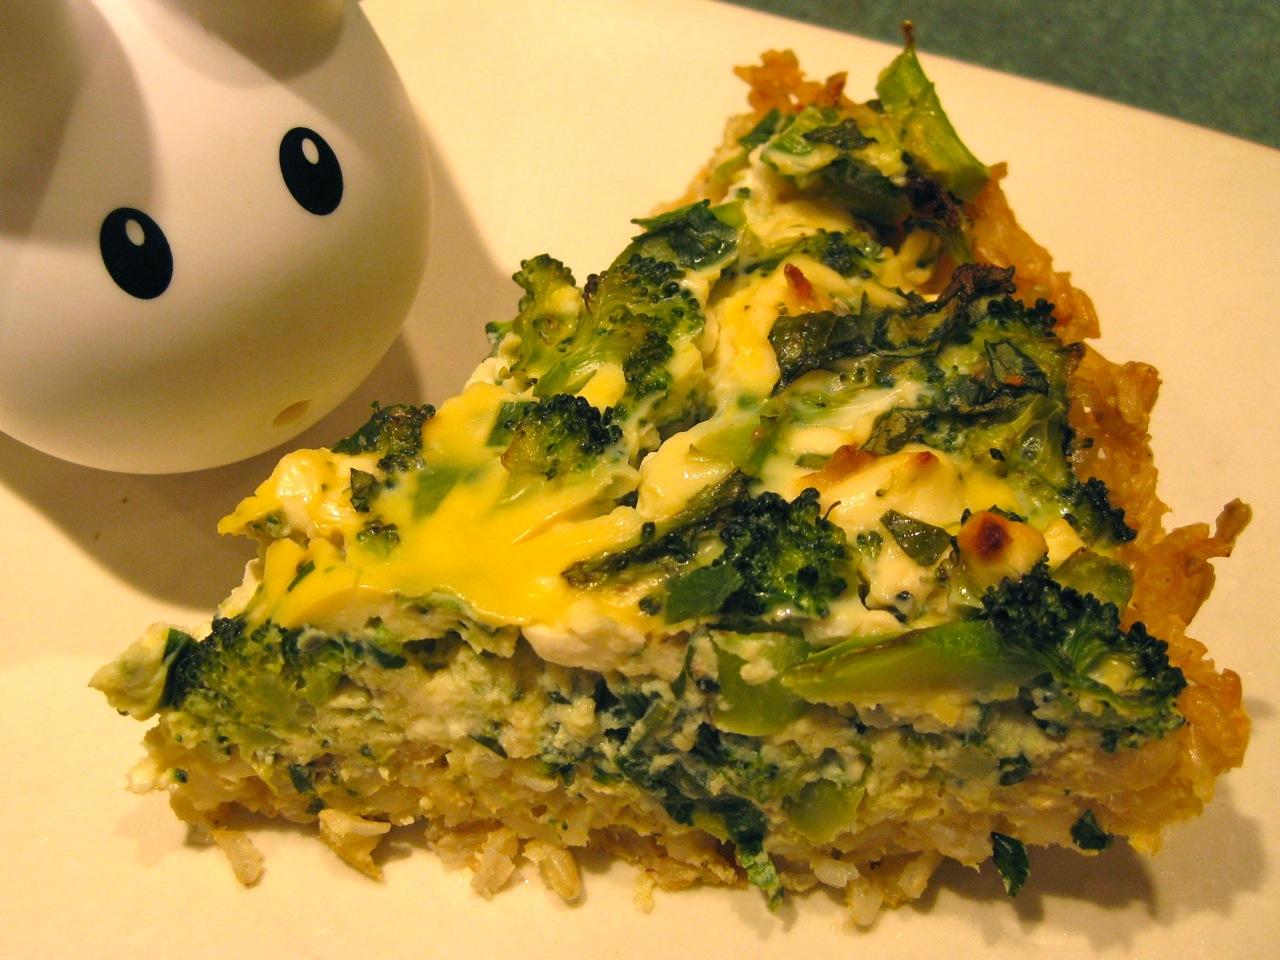 ... the Labbit: Labbits Like: Broccoli Feta Quiche With Brown Rice Crust